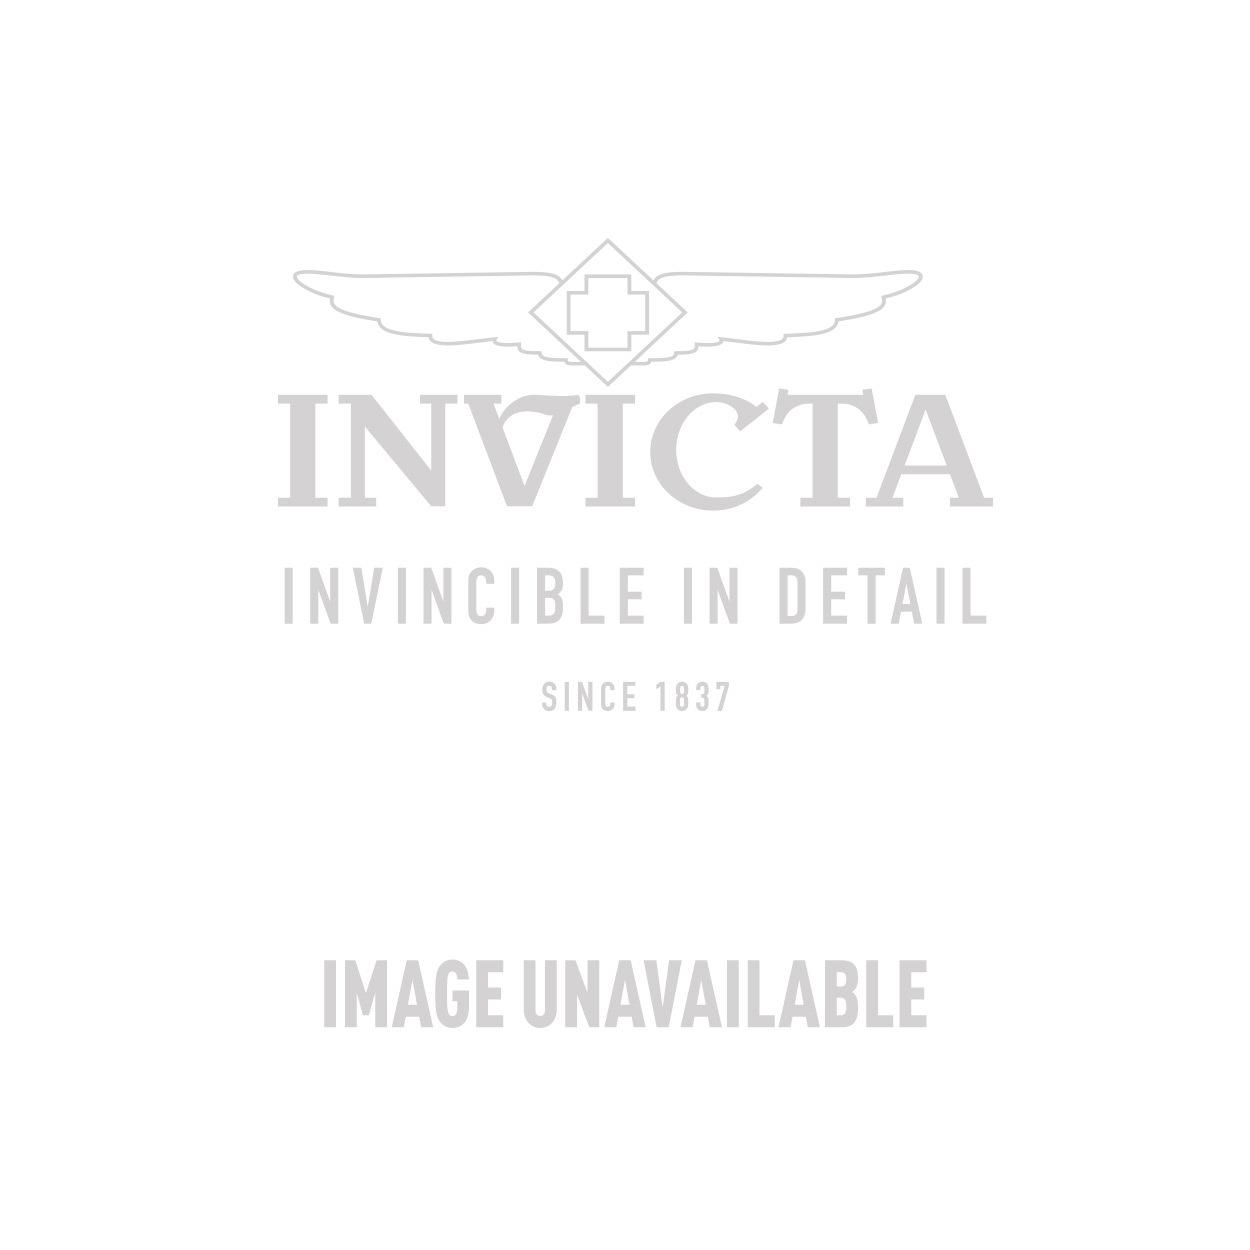 Invicta Model 28326